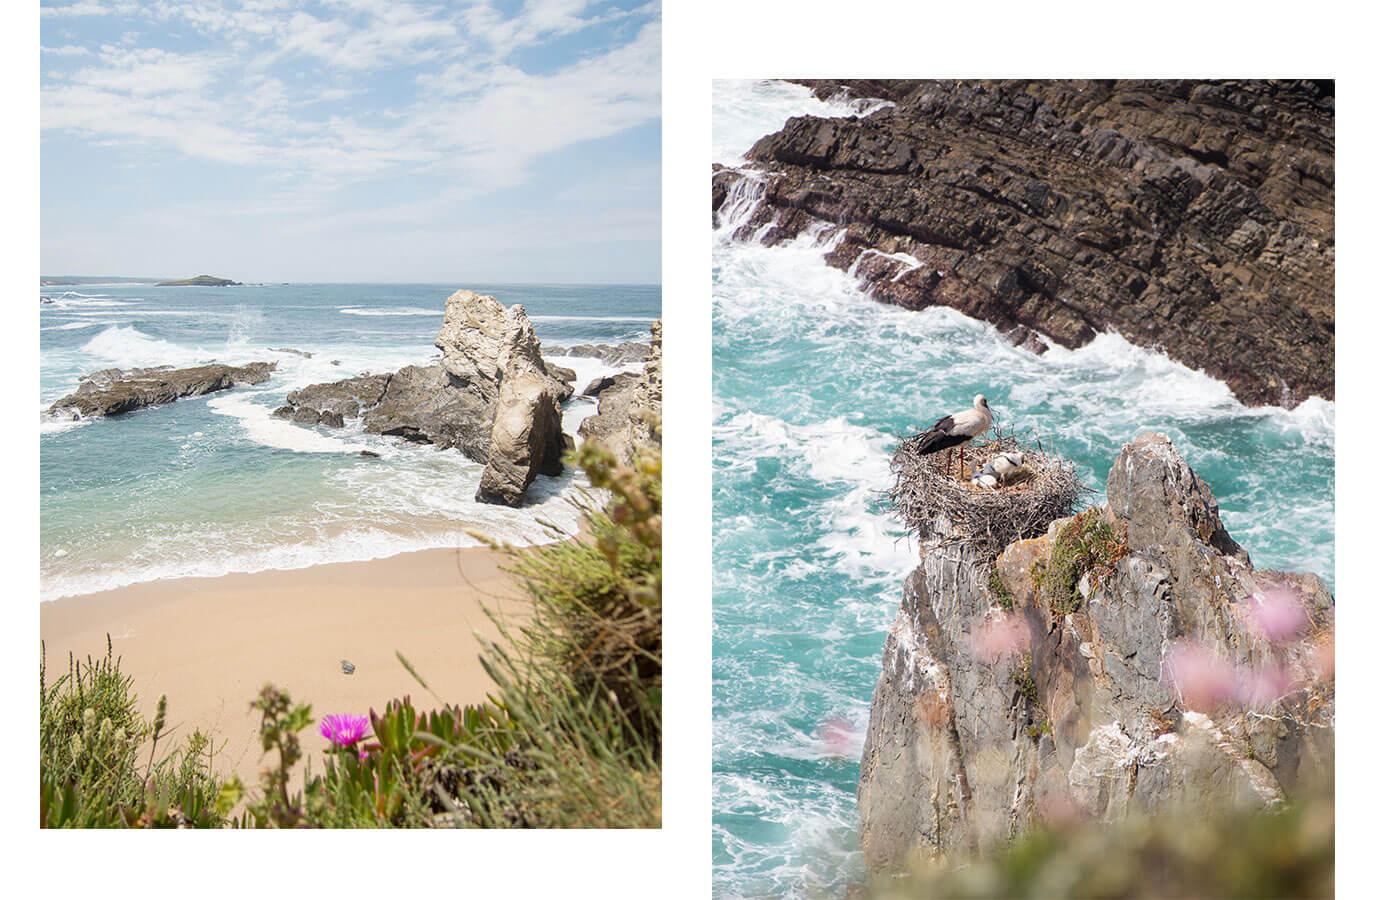 westkueste portugal2 - Portugal Rundreise mit dem Auto - Von Burgen über Klippen - Unsere Reiseroute